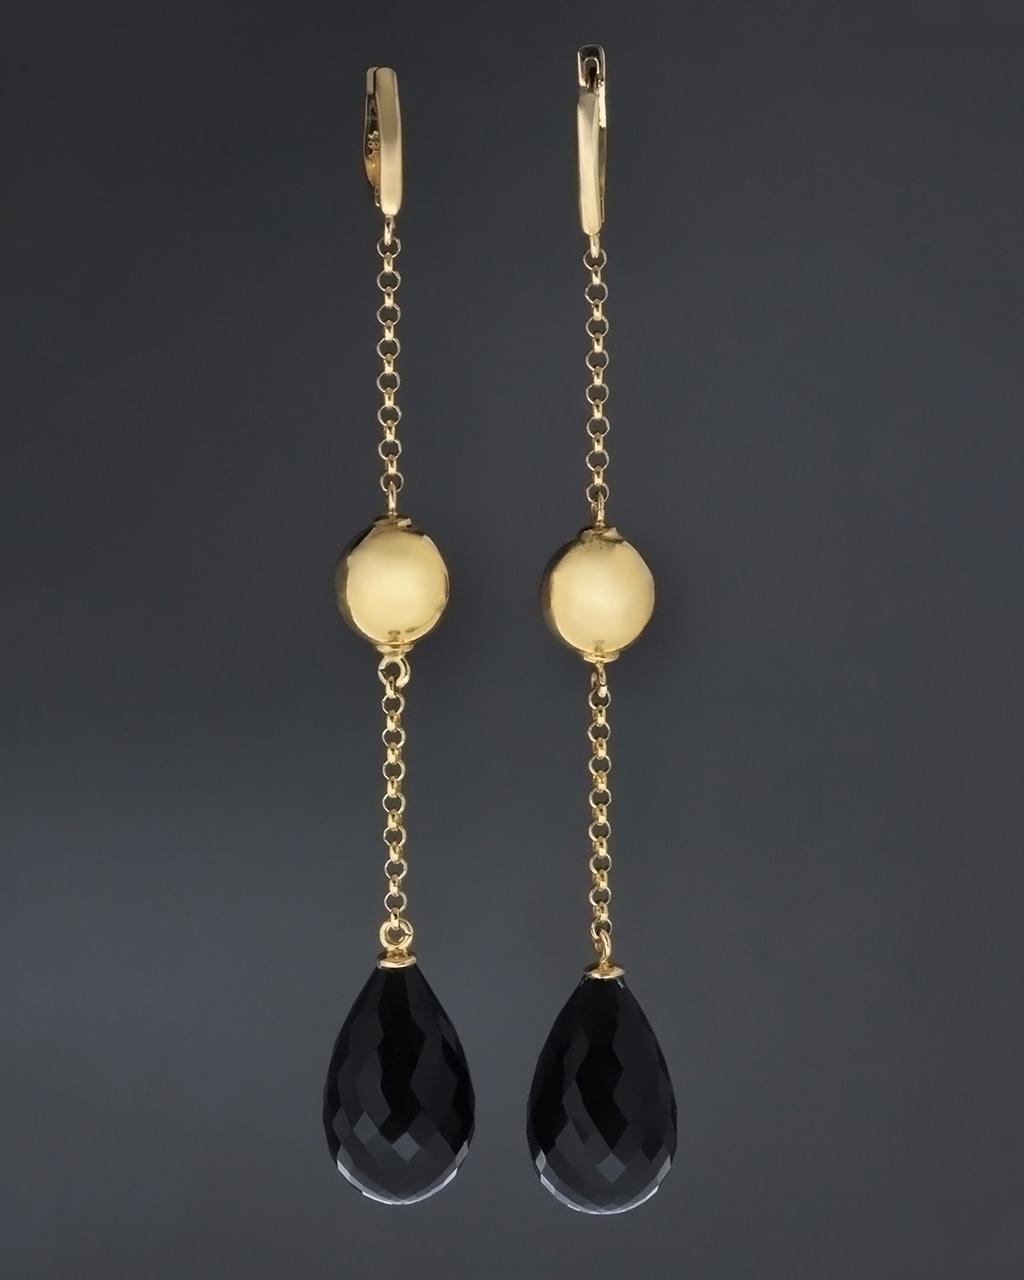 Κρεμαστά σκουλαρίκια χρυσά Κ14 με Όνυχα   γυναικα σκουλαρίκια σκουλαρίκια ημιπολύτιμοι λίθοι